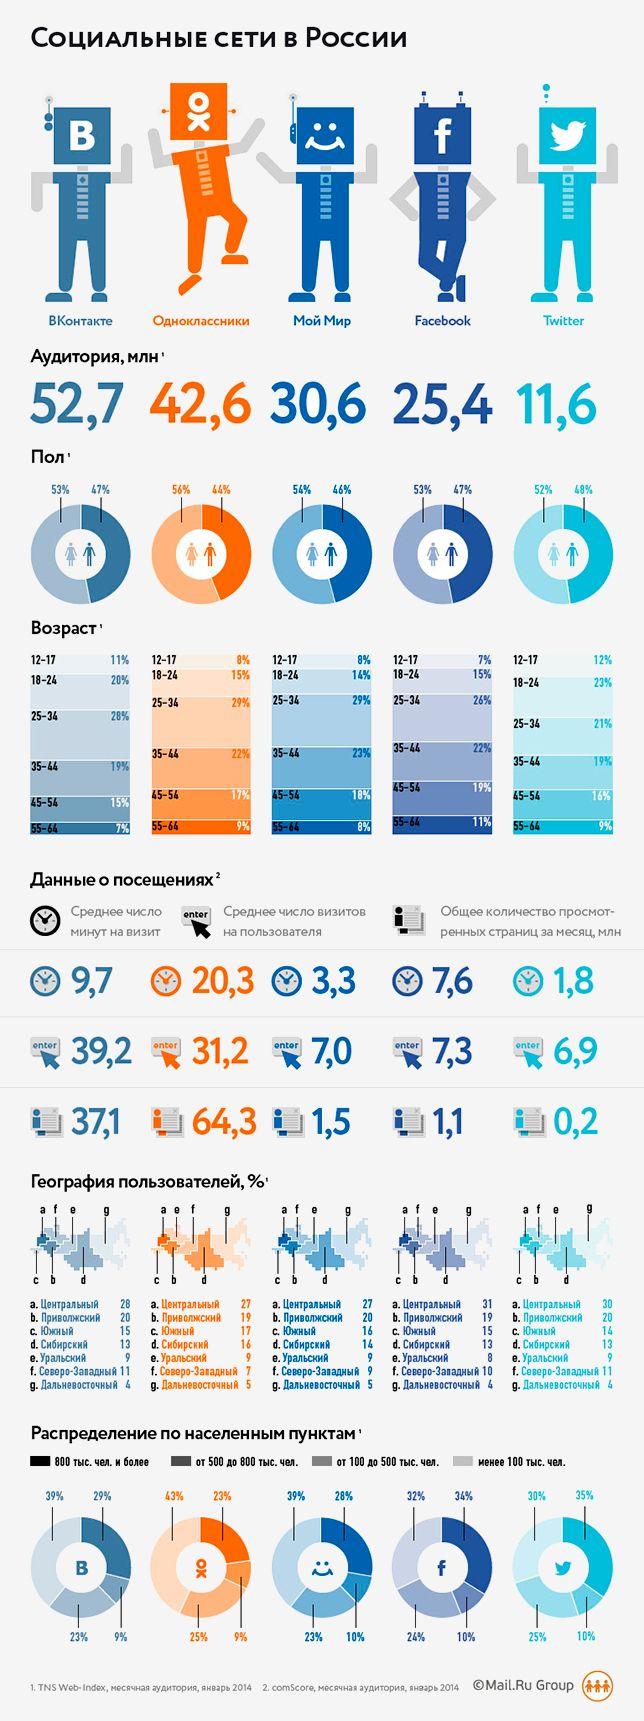 Исследование соцсетей: в «Одноклассниках» сидят вдвое дольше, чем во «ВКонтакте». Читайте на Cossa.ru